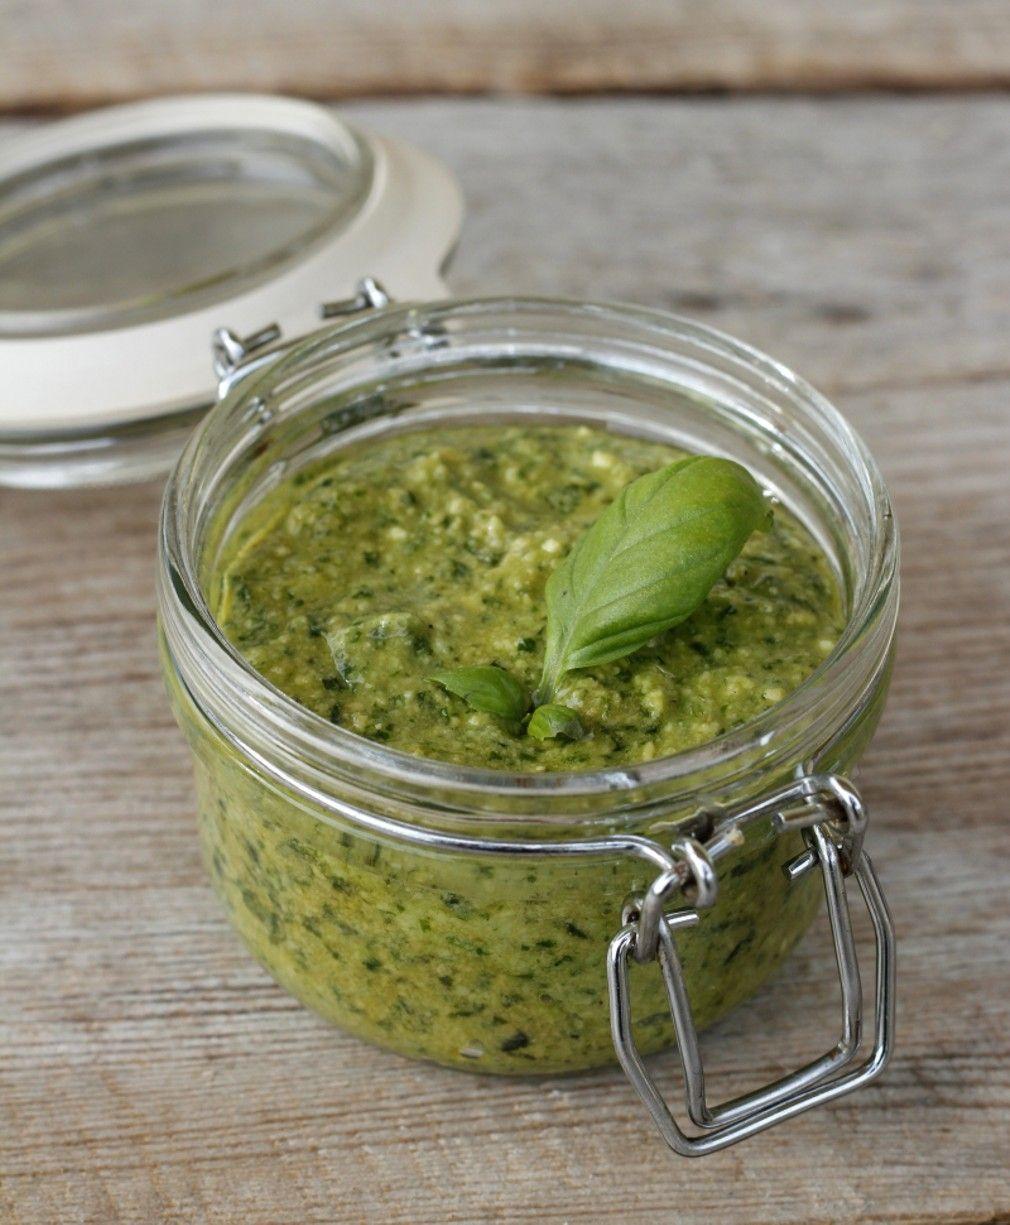 Hei og god søndag! Å lage sin egen pesto er verken vanskelig, tidskrevande eller krever for mange ingredienser. Det er så raskt, enkelt og ikkje minst smaker det masse bedre enn ferdigkjøpt. Den beste pestoen lager du sjølv! Pesto, 1 glass1 potte frisk basilikum60 g rista pinjekjerner60 g parmesan*1 kvitløksfedd1-1,5 dl olivenoljeSalt og pepper Rist …